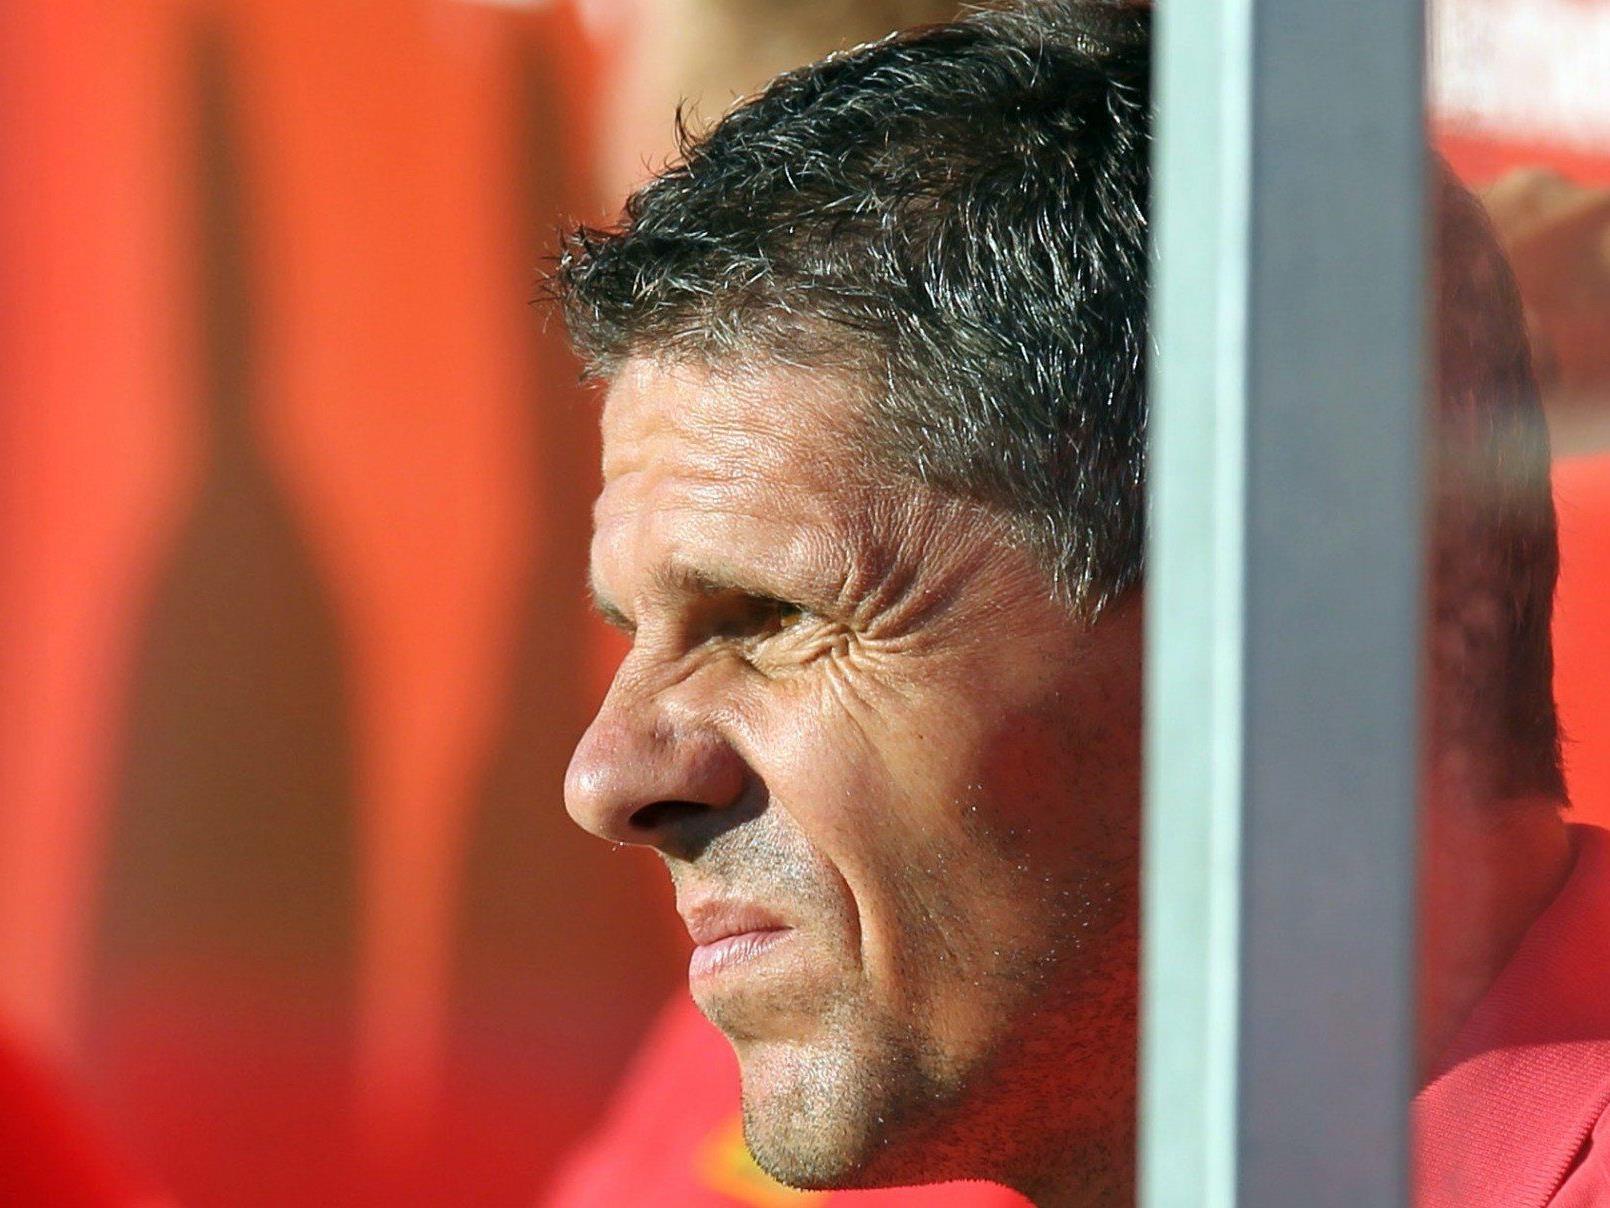 LIVE: Wir berichten ab 20.30 Uhr live vom Spiel FC Admira Wacker Mödling gegen Red Bull Salzburg im Ticker.